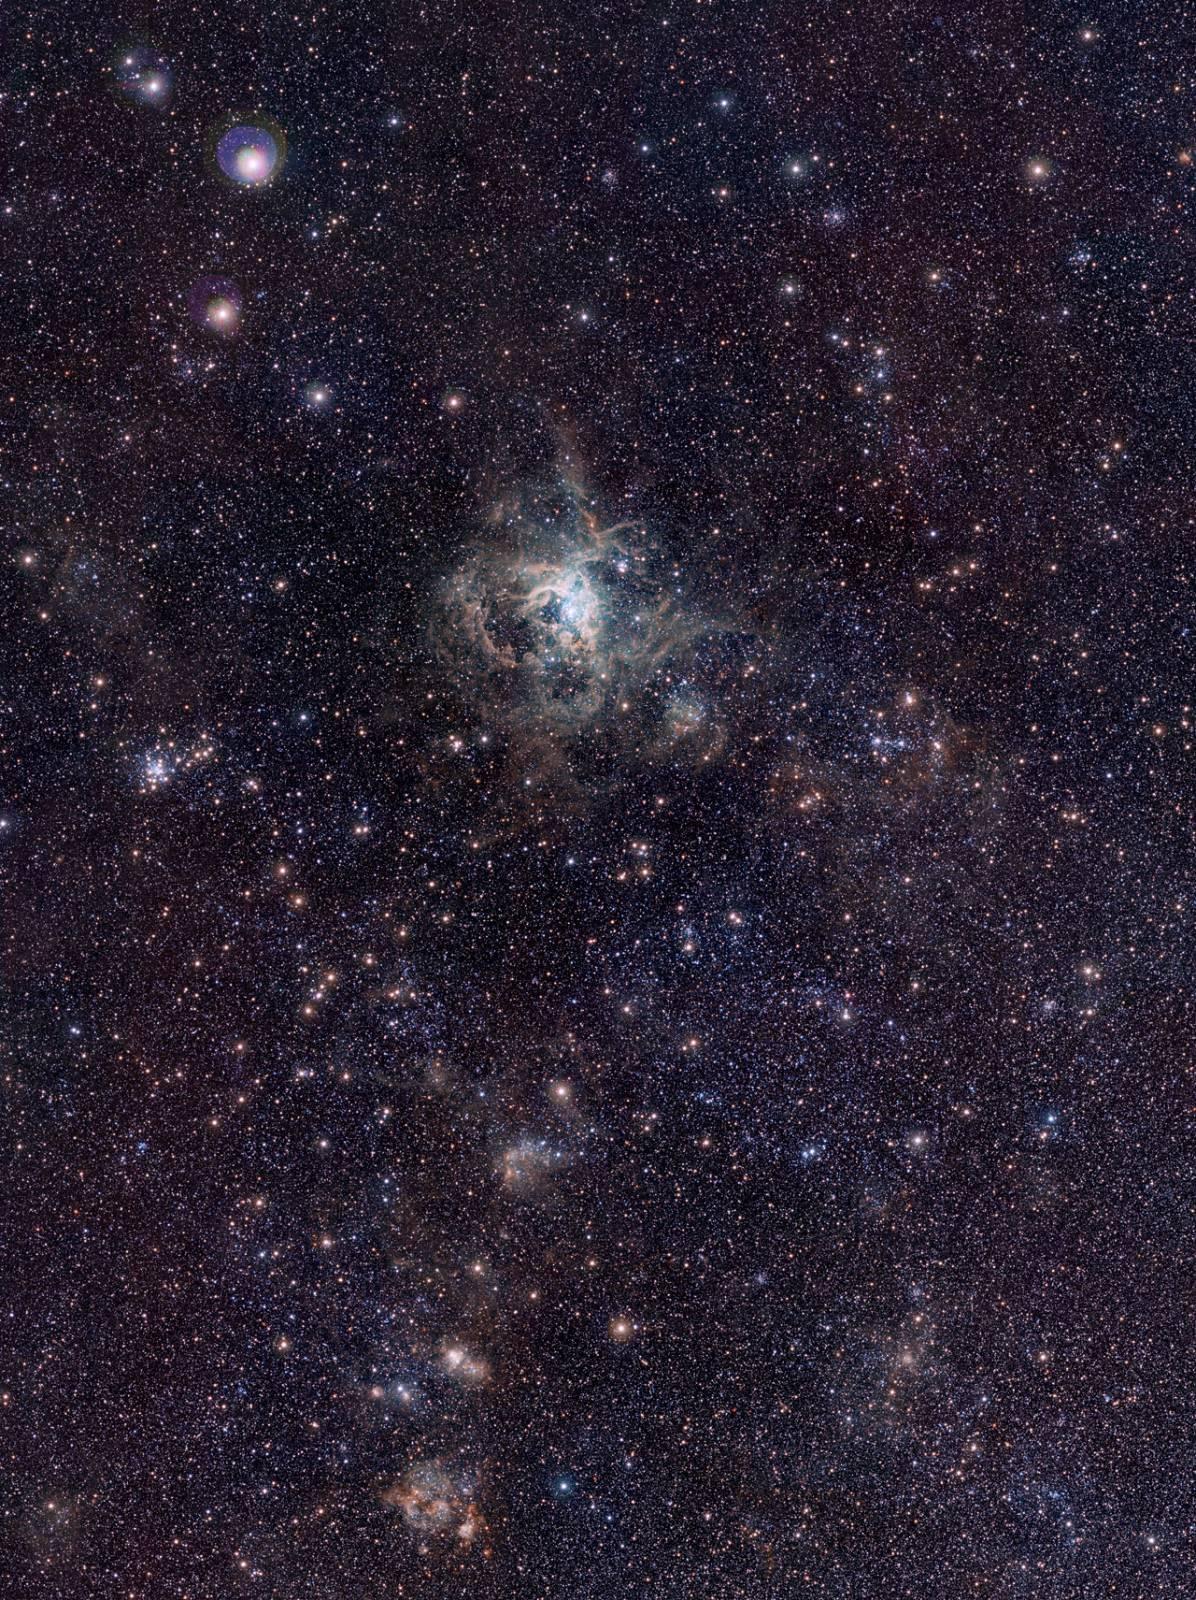 Туманность 30 Золотой Рыбы и окружающее ее пространство. Фото ESO/M.-R. Cioni/VISTA Magellanic Cloud survey. Acknowledgment: Cambridge Astronomical Survey Unit